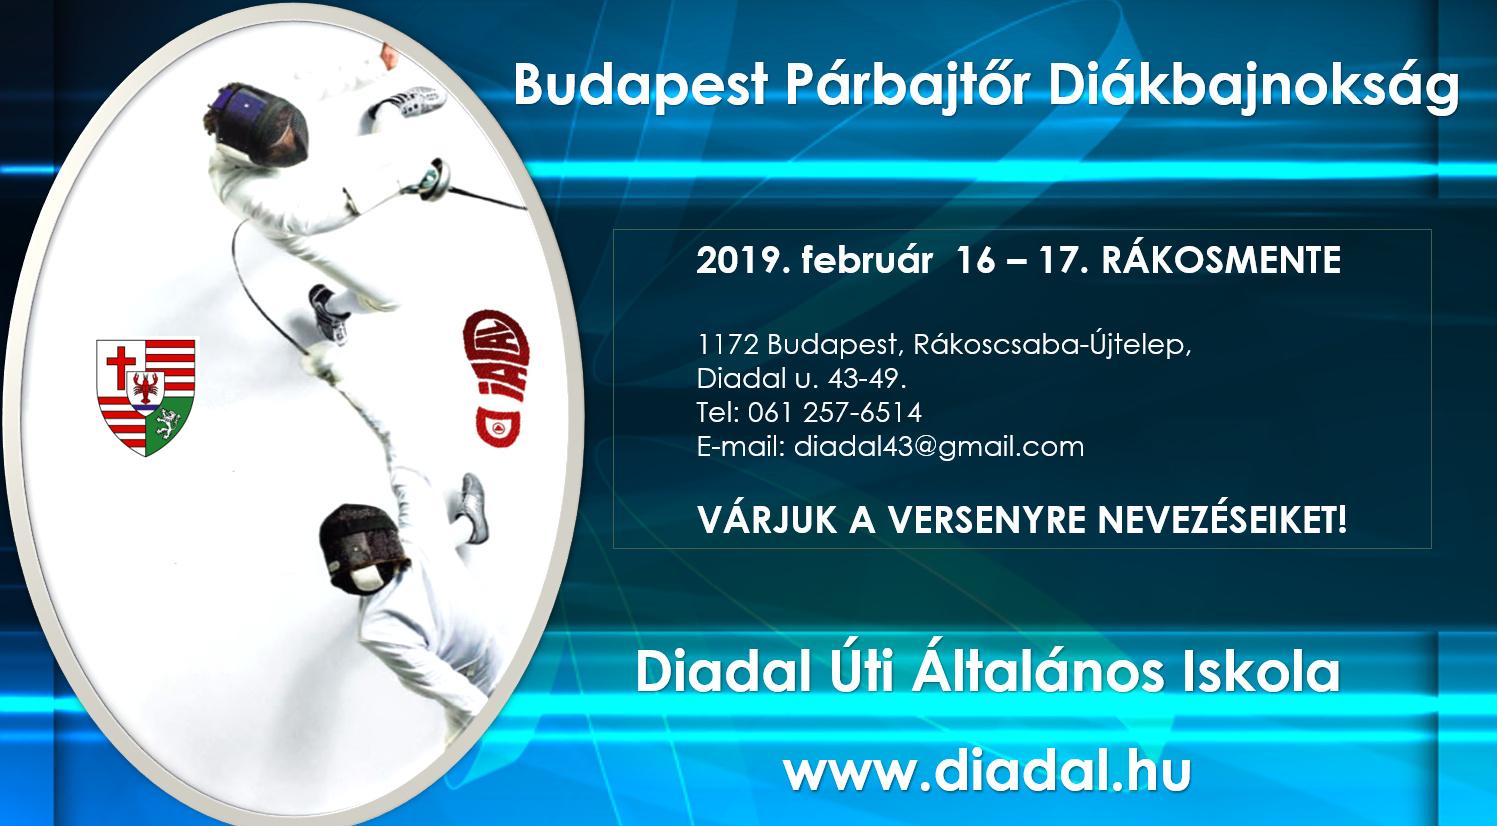 Diadal Úti Általános Iskola: Budapest Párbajtõr Diákbajnokság 2019.png - indafoto.hu